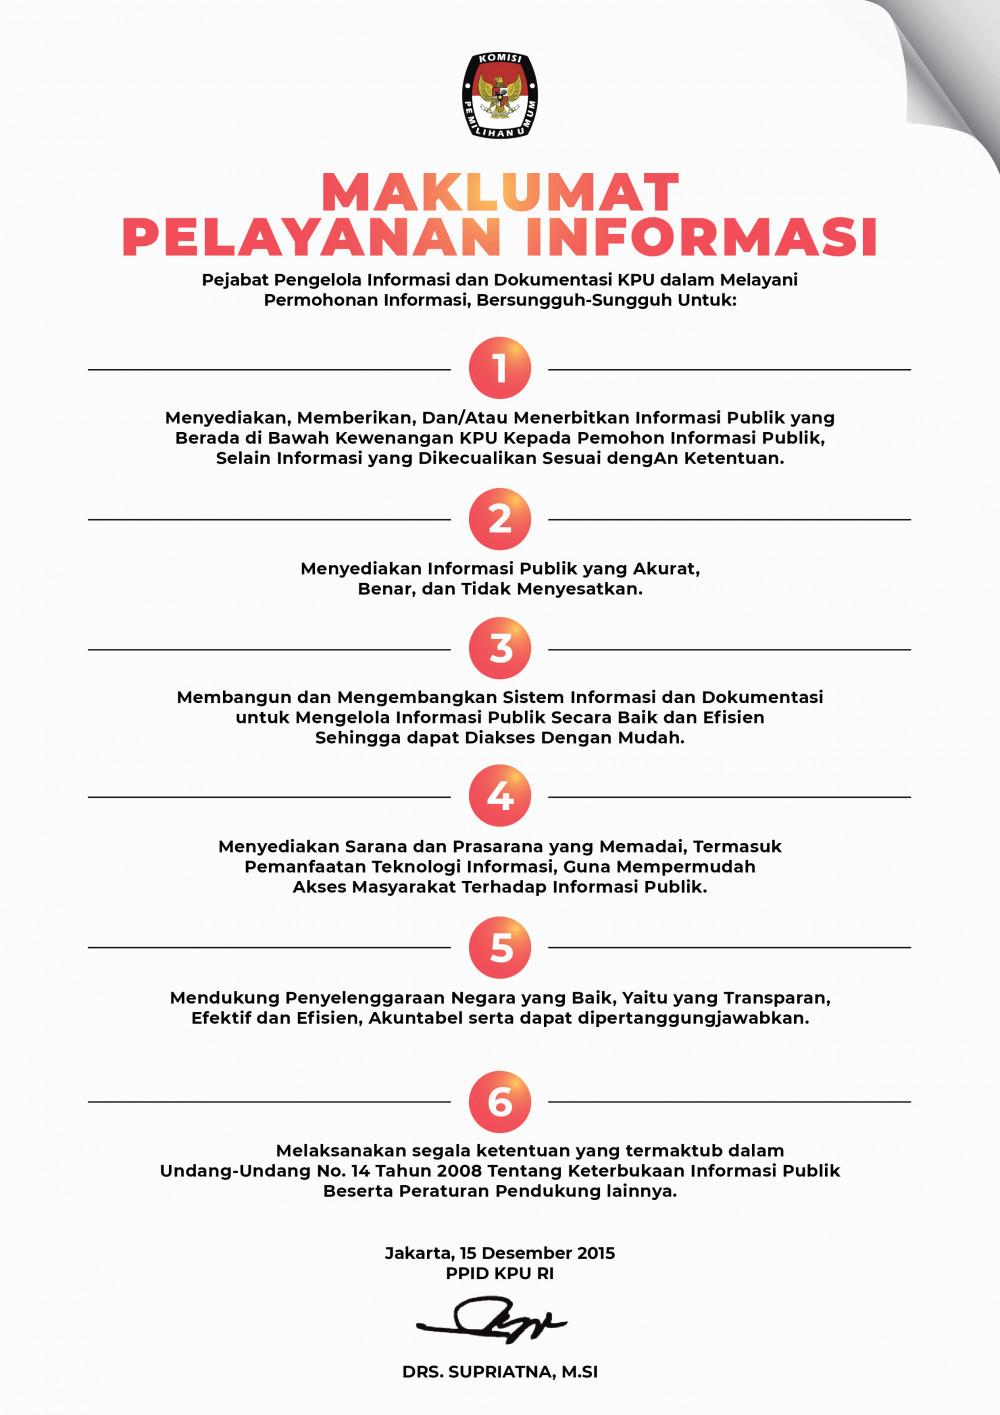 Maklumat Pelayanan Informasi